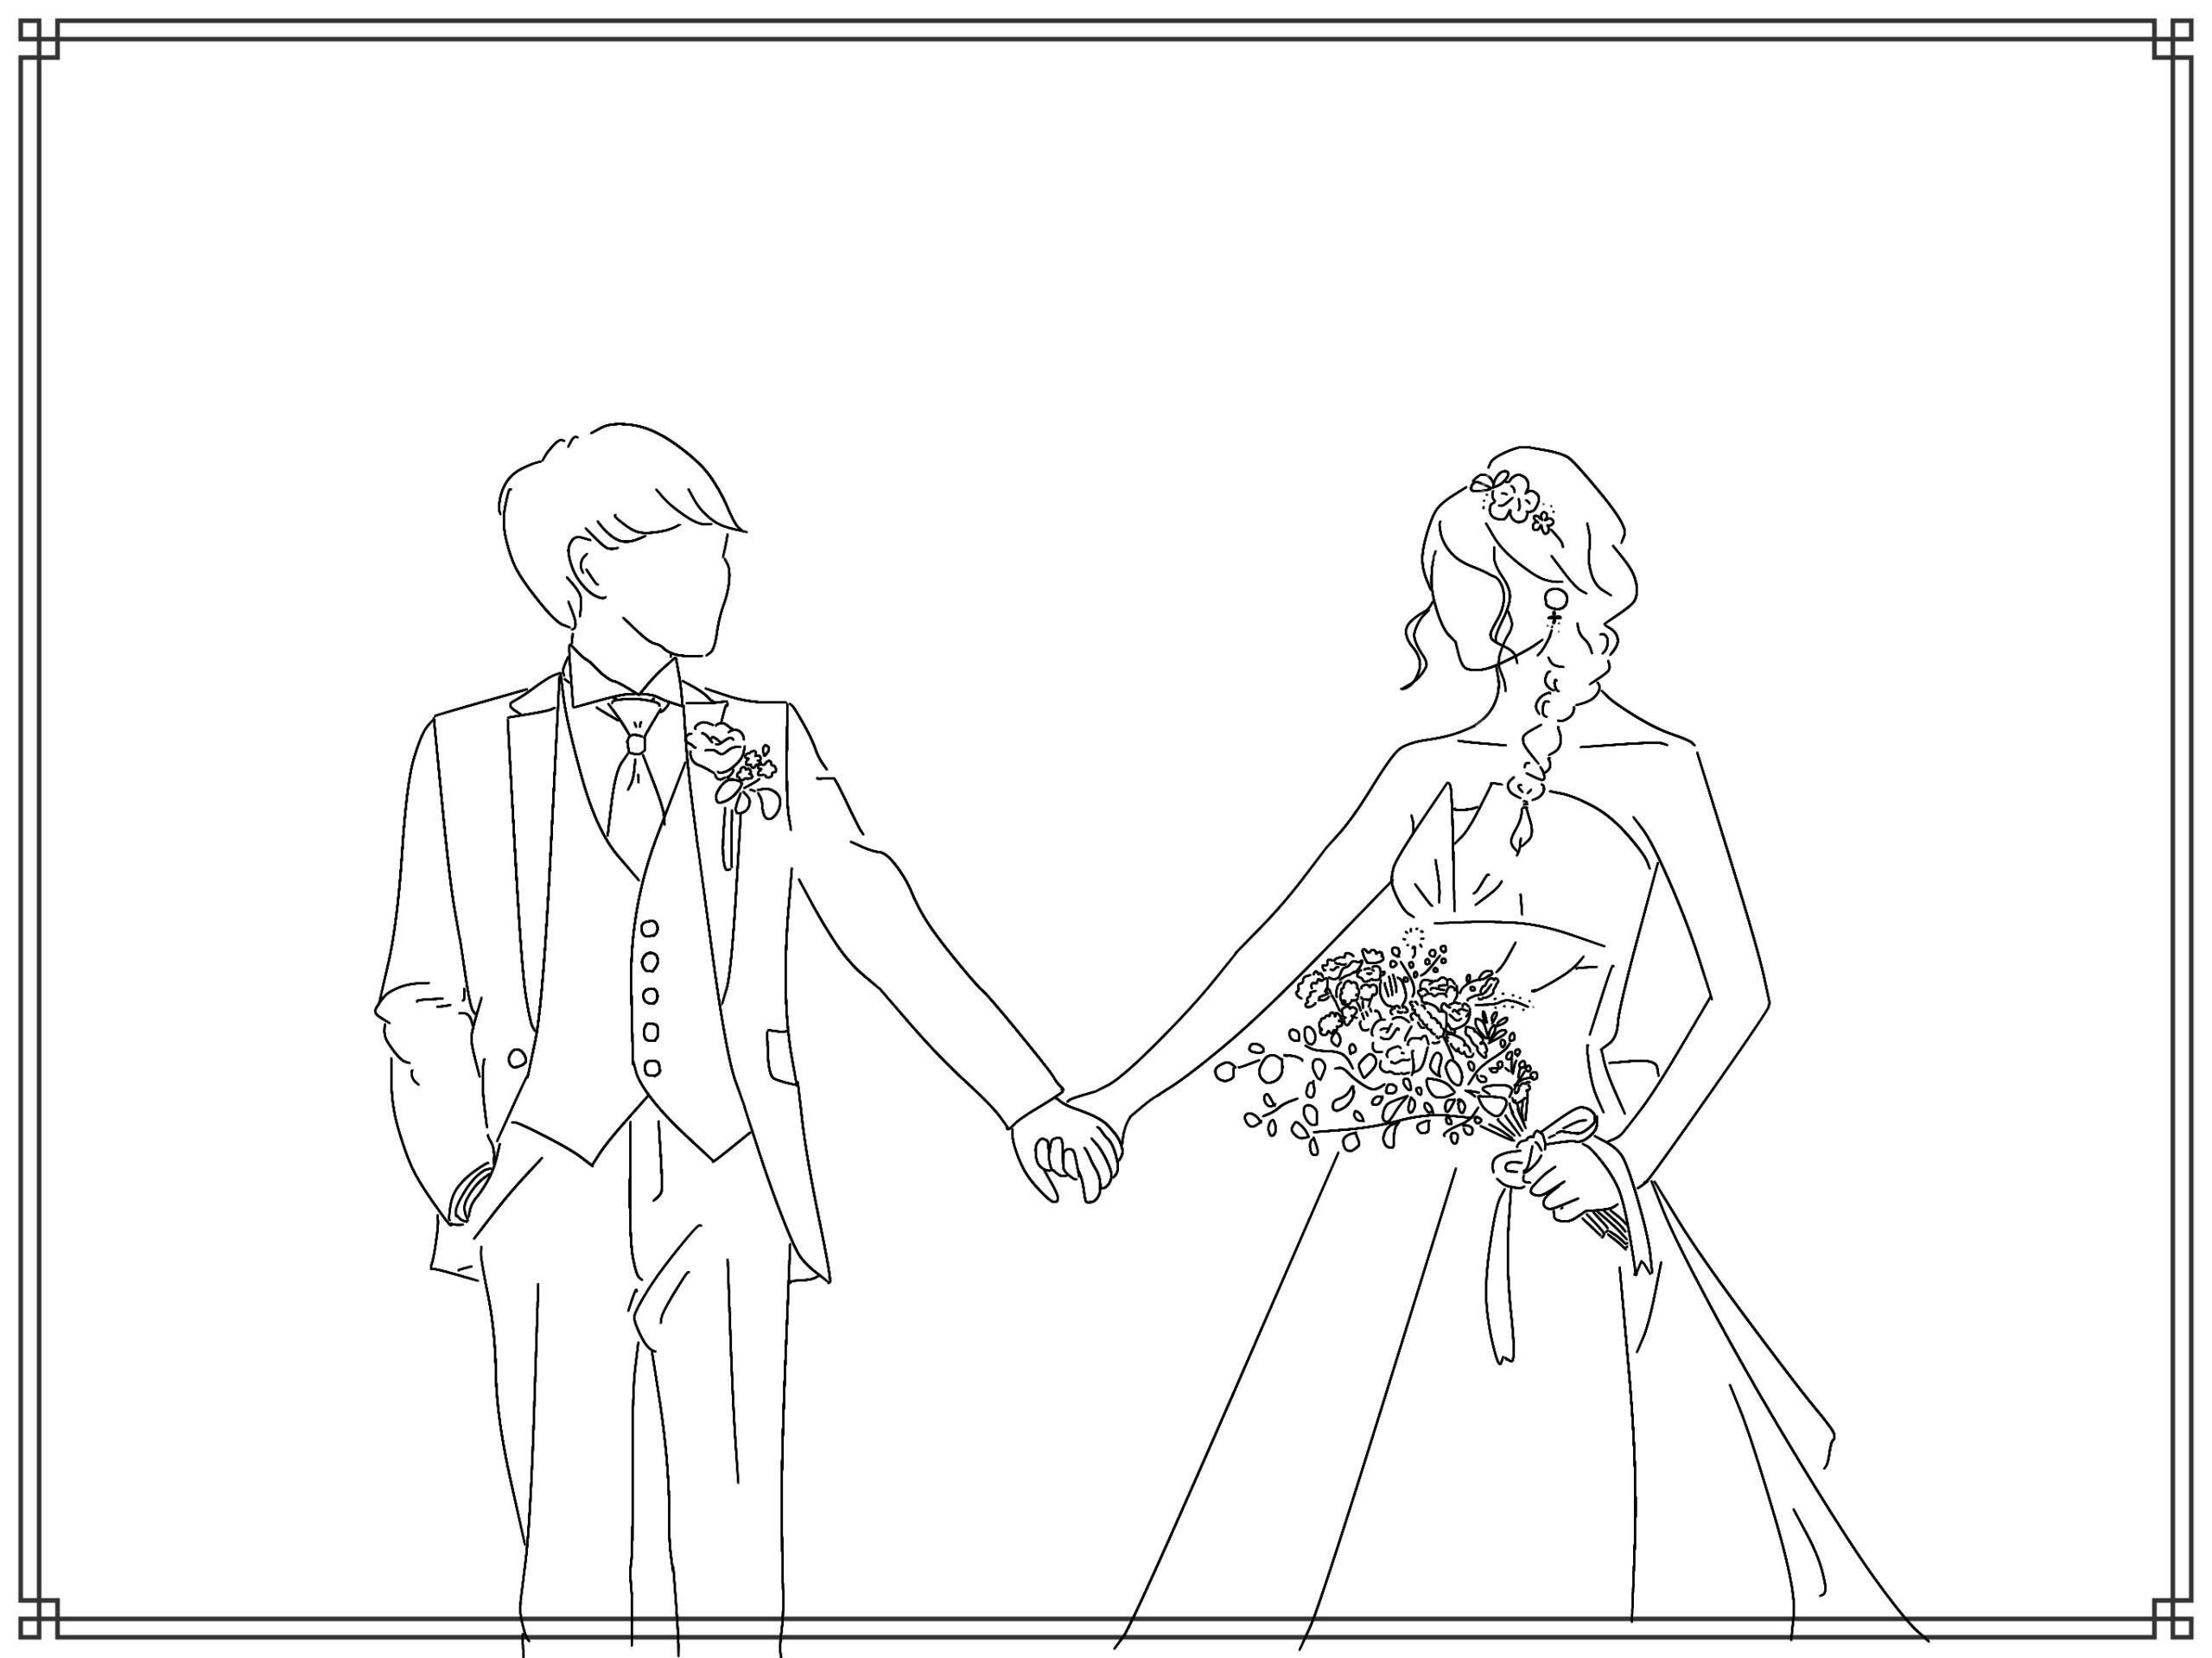 田村睦心は結婚してて相手は誰?それとも彼氏がいる?ほか家族構成も1